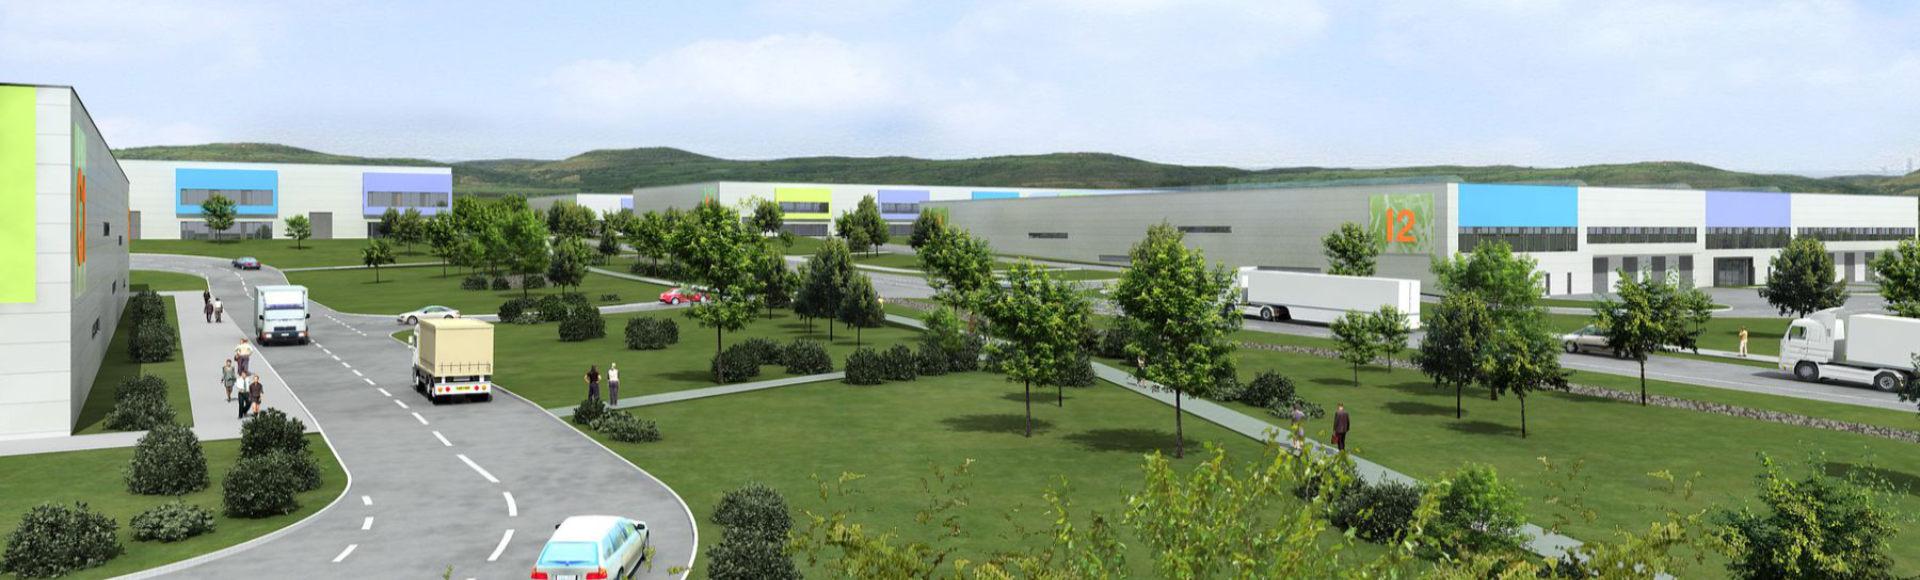 verne-industry-park-2